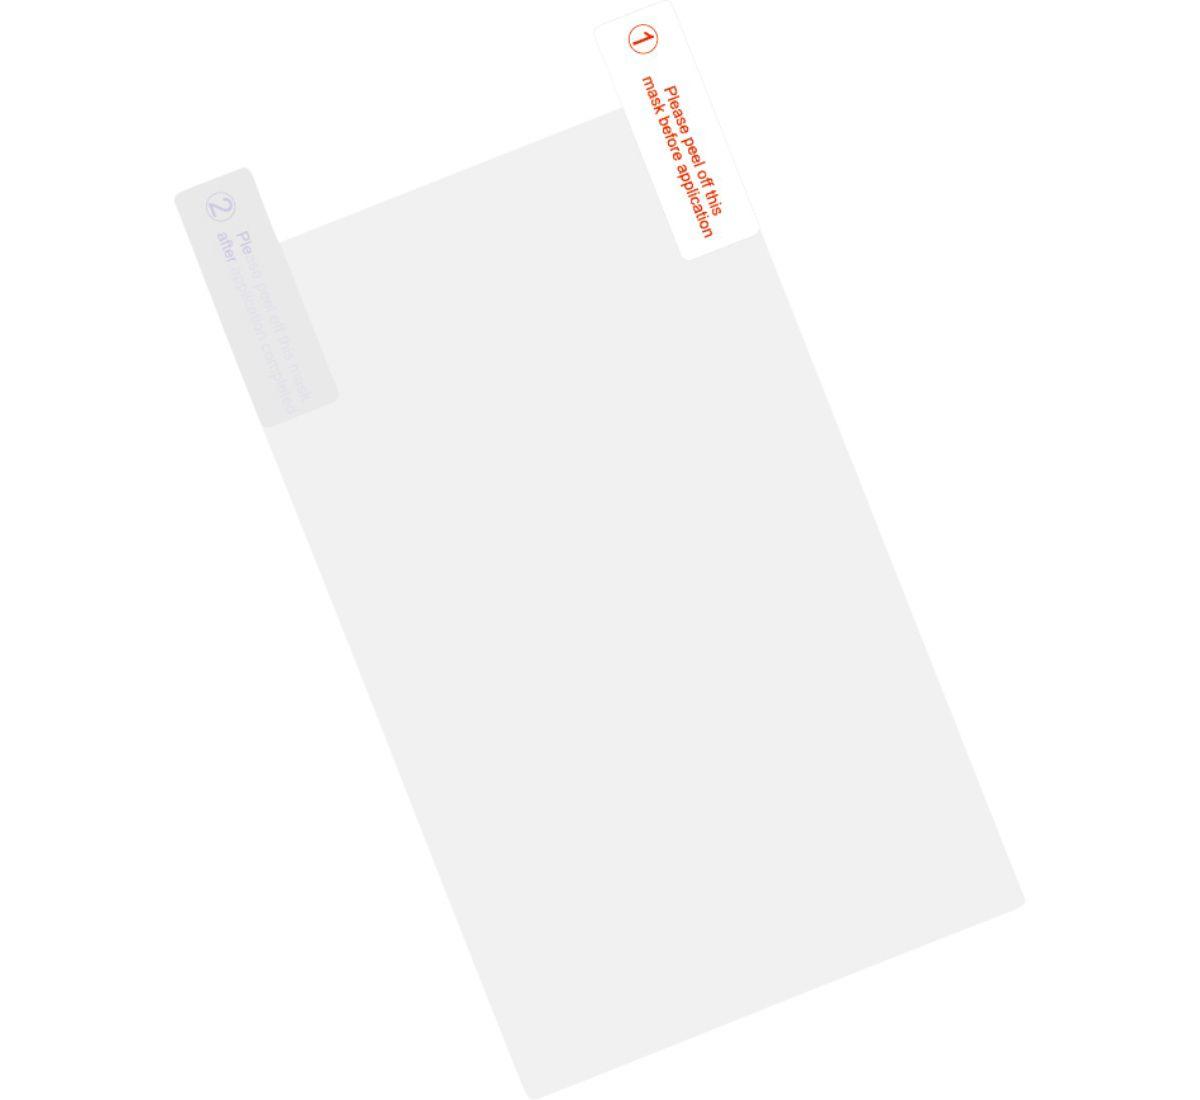 Hama Displayschutzfolie für Nintendo Switch, Vo...